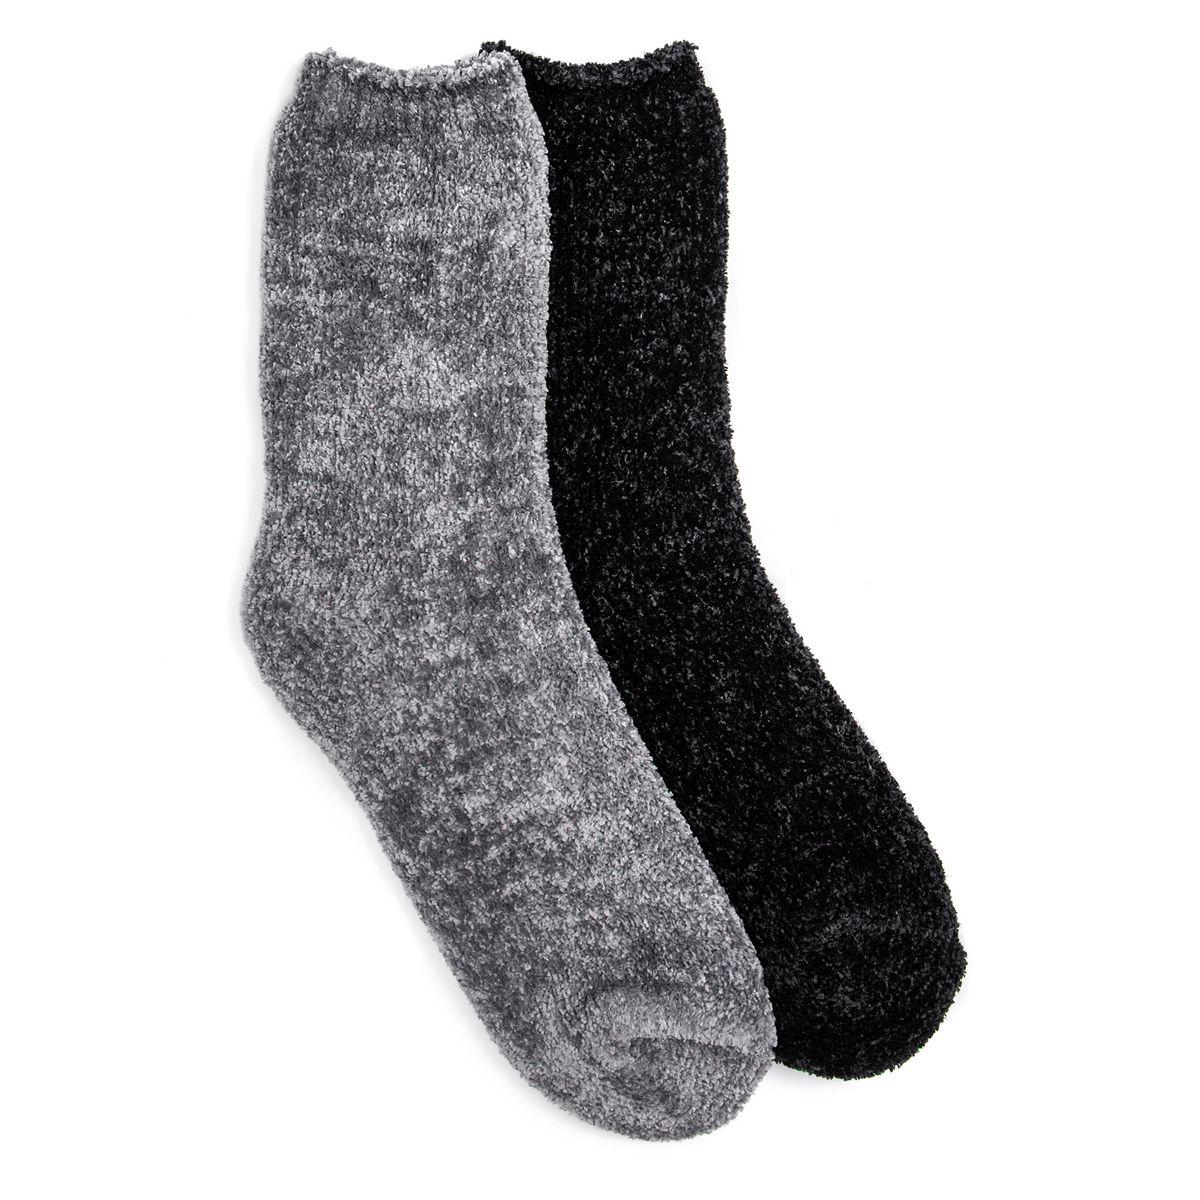 MUK LUKS® Women's (2-Pair Pack) Chenille Boot Socks Pink Black Pack V5UyD